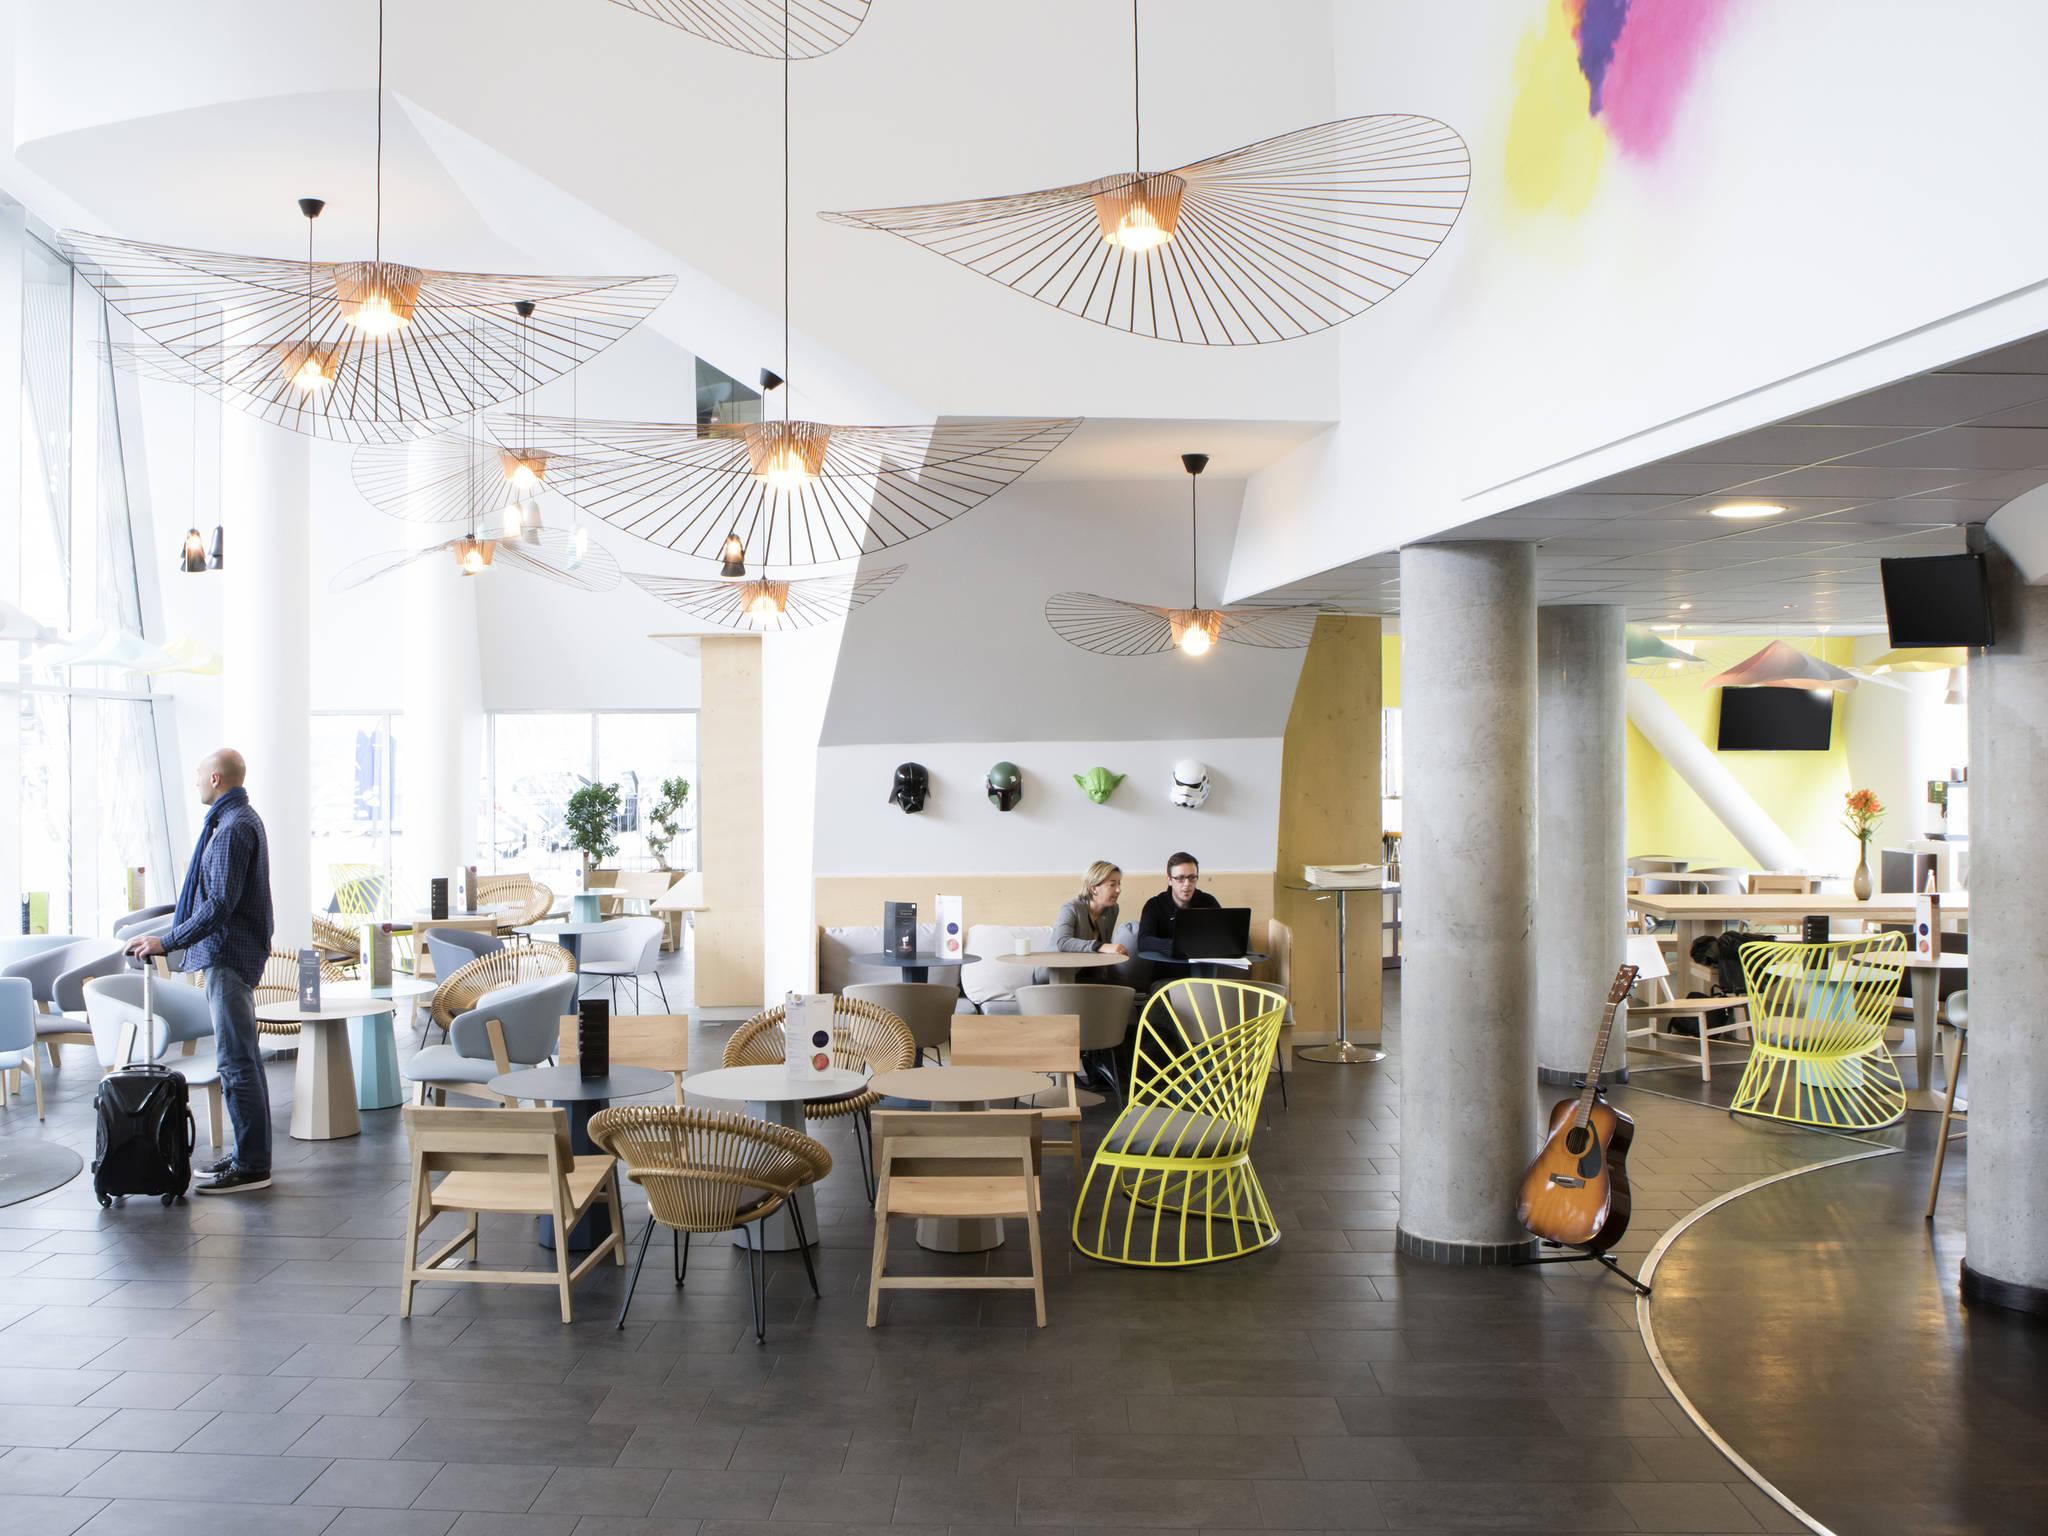 فندق - Novotel Suites Gare Lille Europe